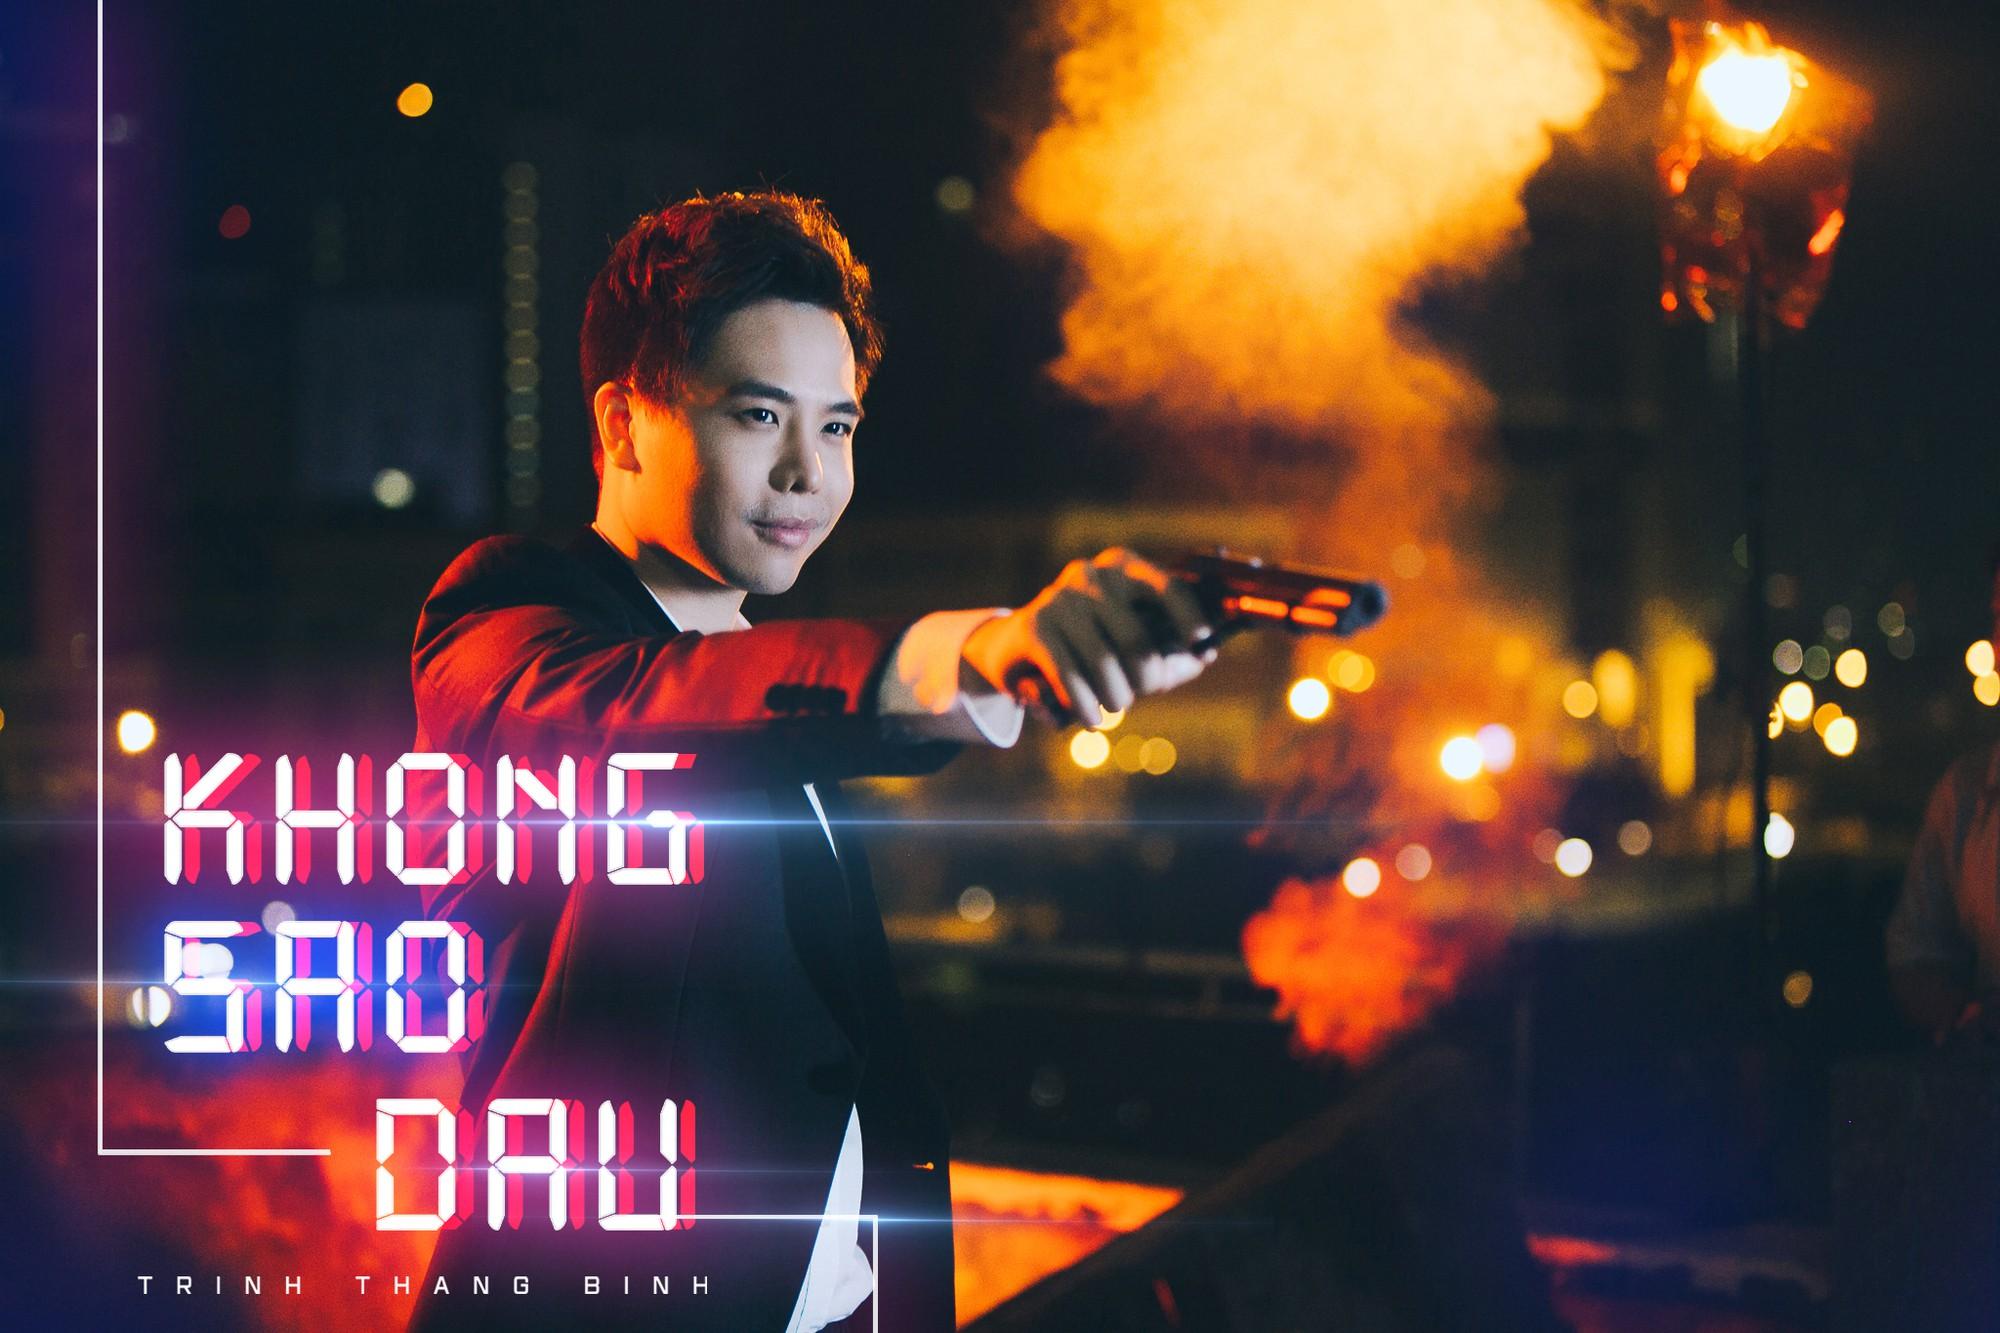 Trịnh Thăng Bình lột xác làm hacker chất ngầu, hé lộ cảnh bị bắn đầy bí ẩn trong teaser MV mới - Ảnh 2.